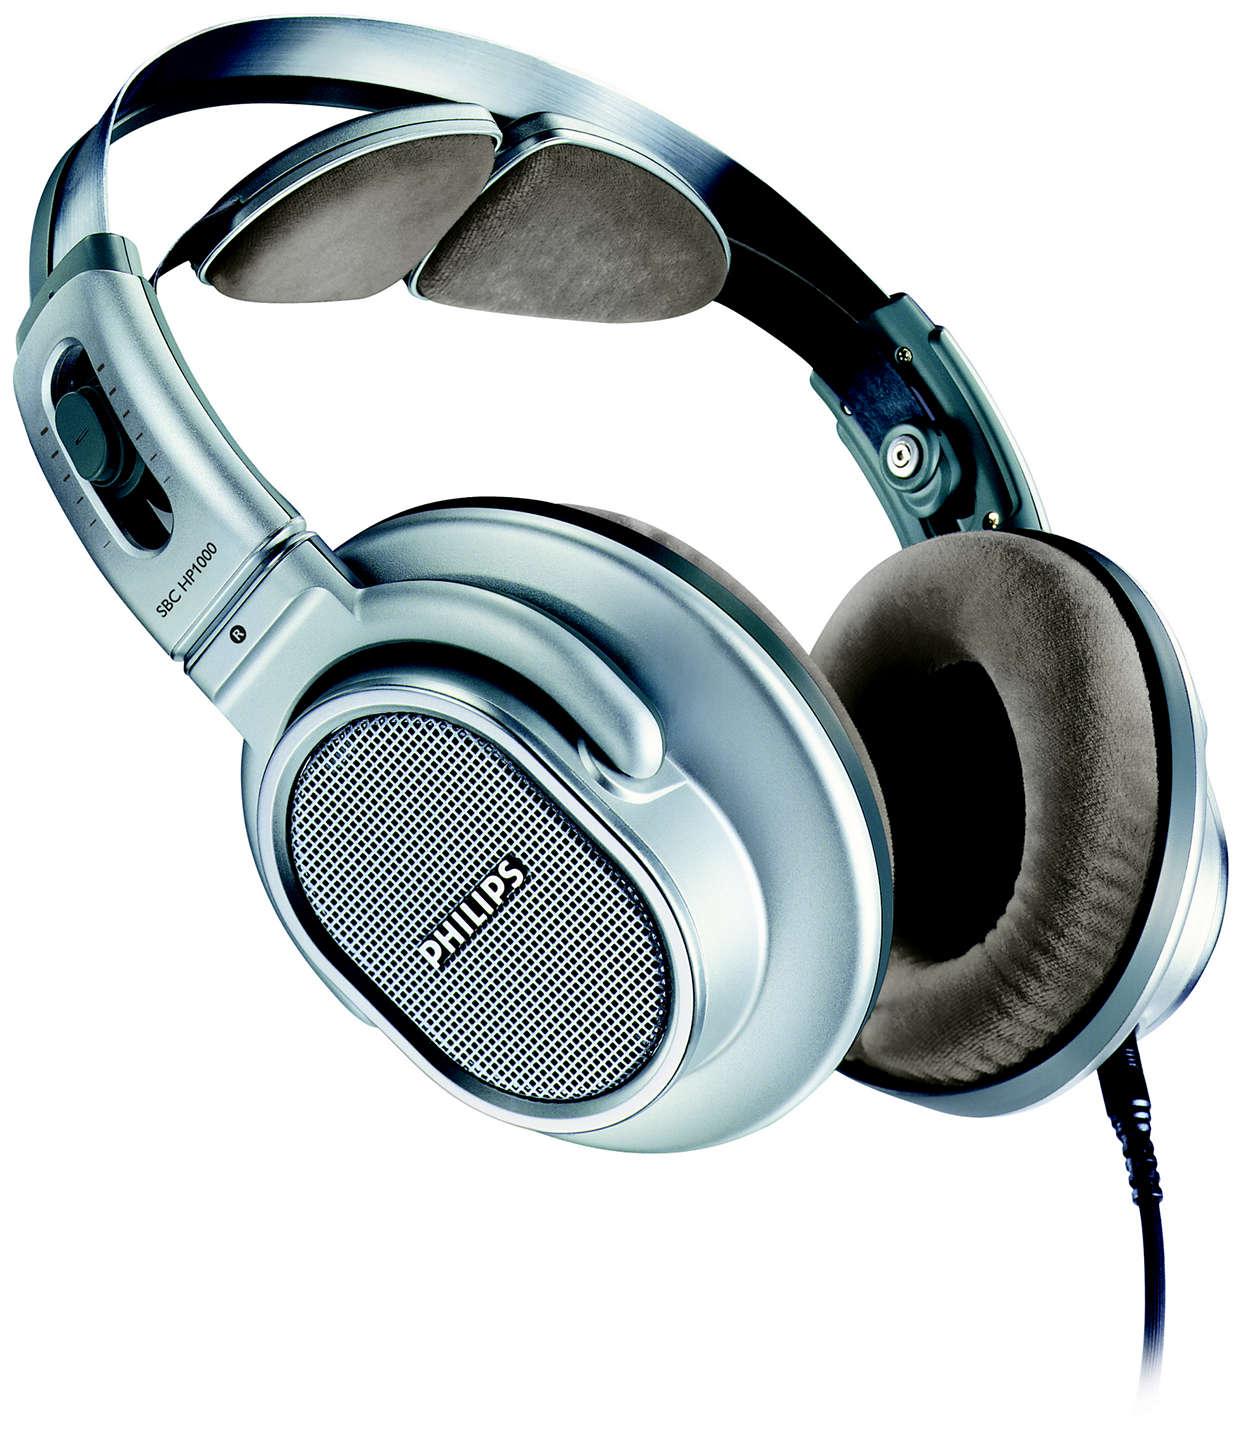 Pure HiFi Headphones